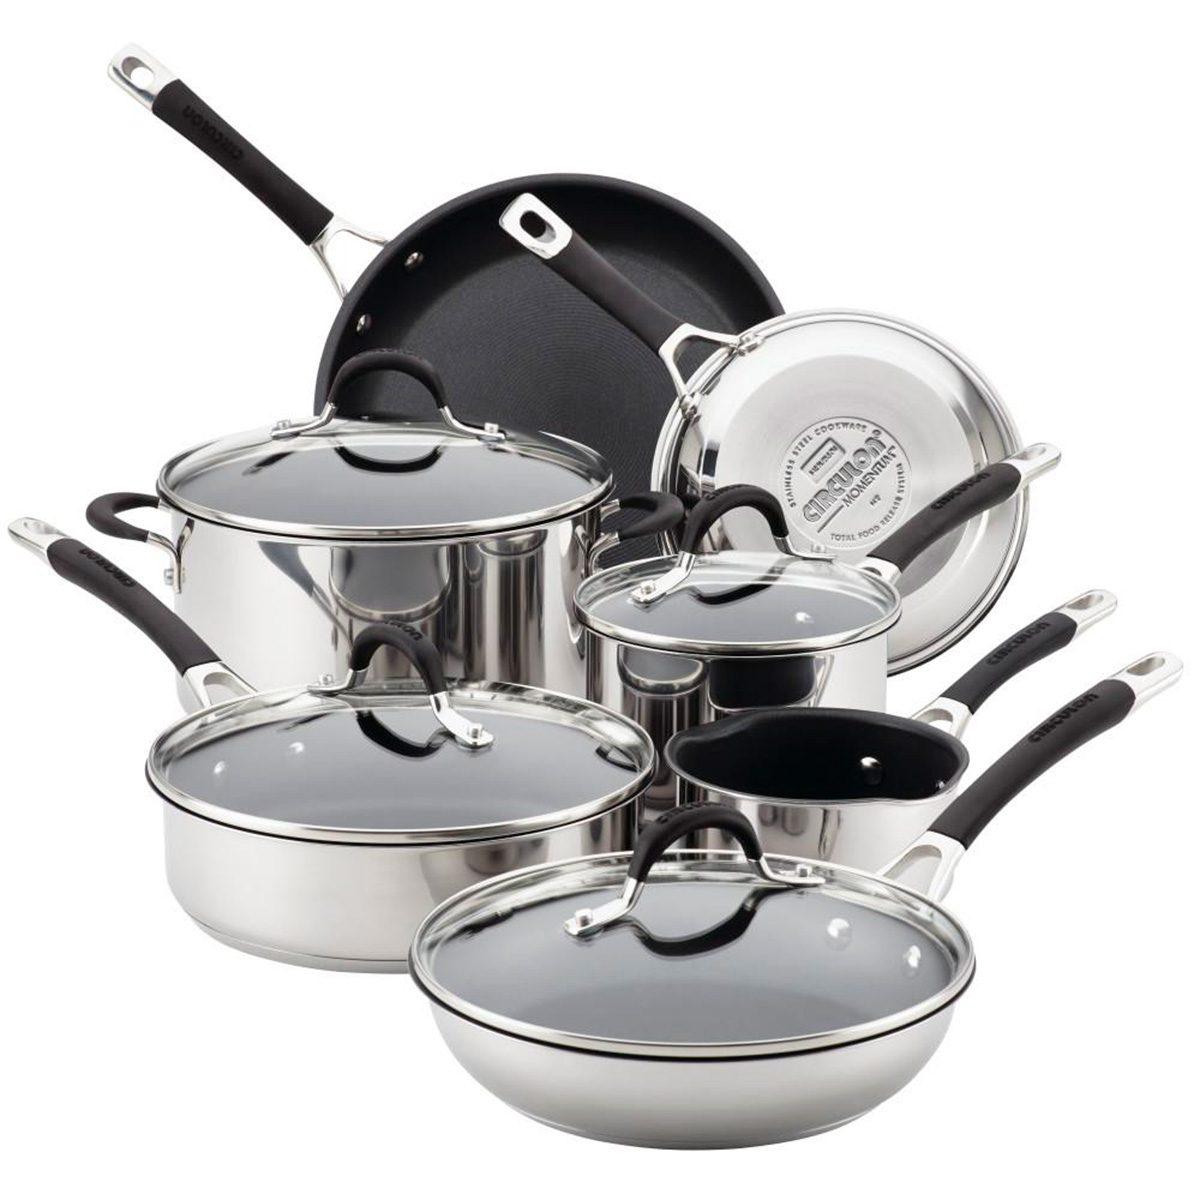 home-depot-cookware